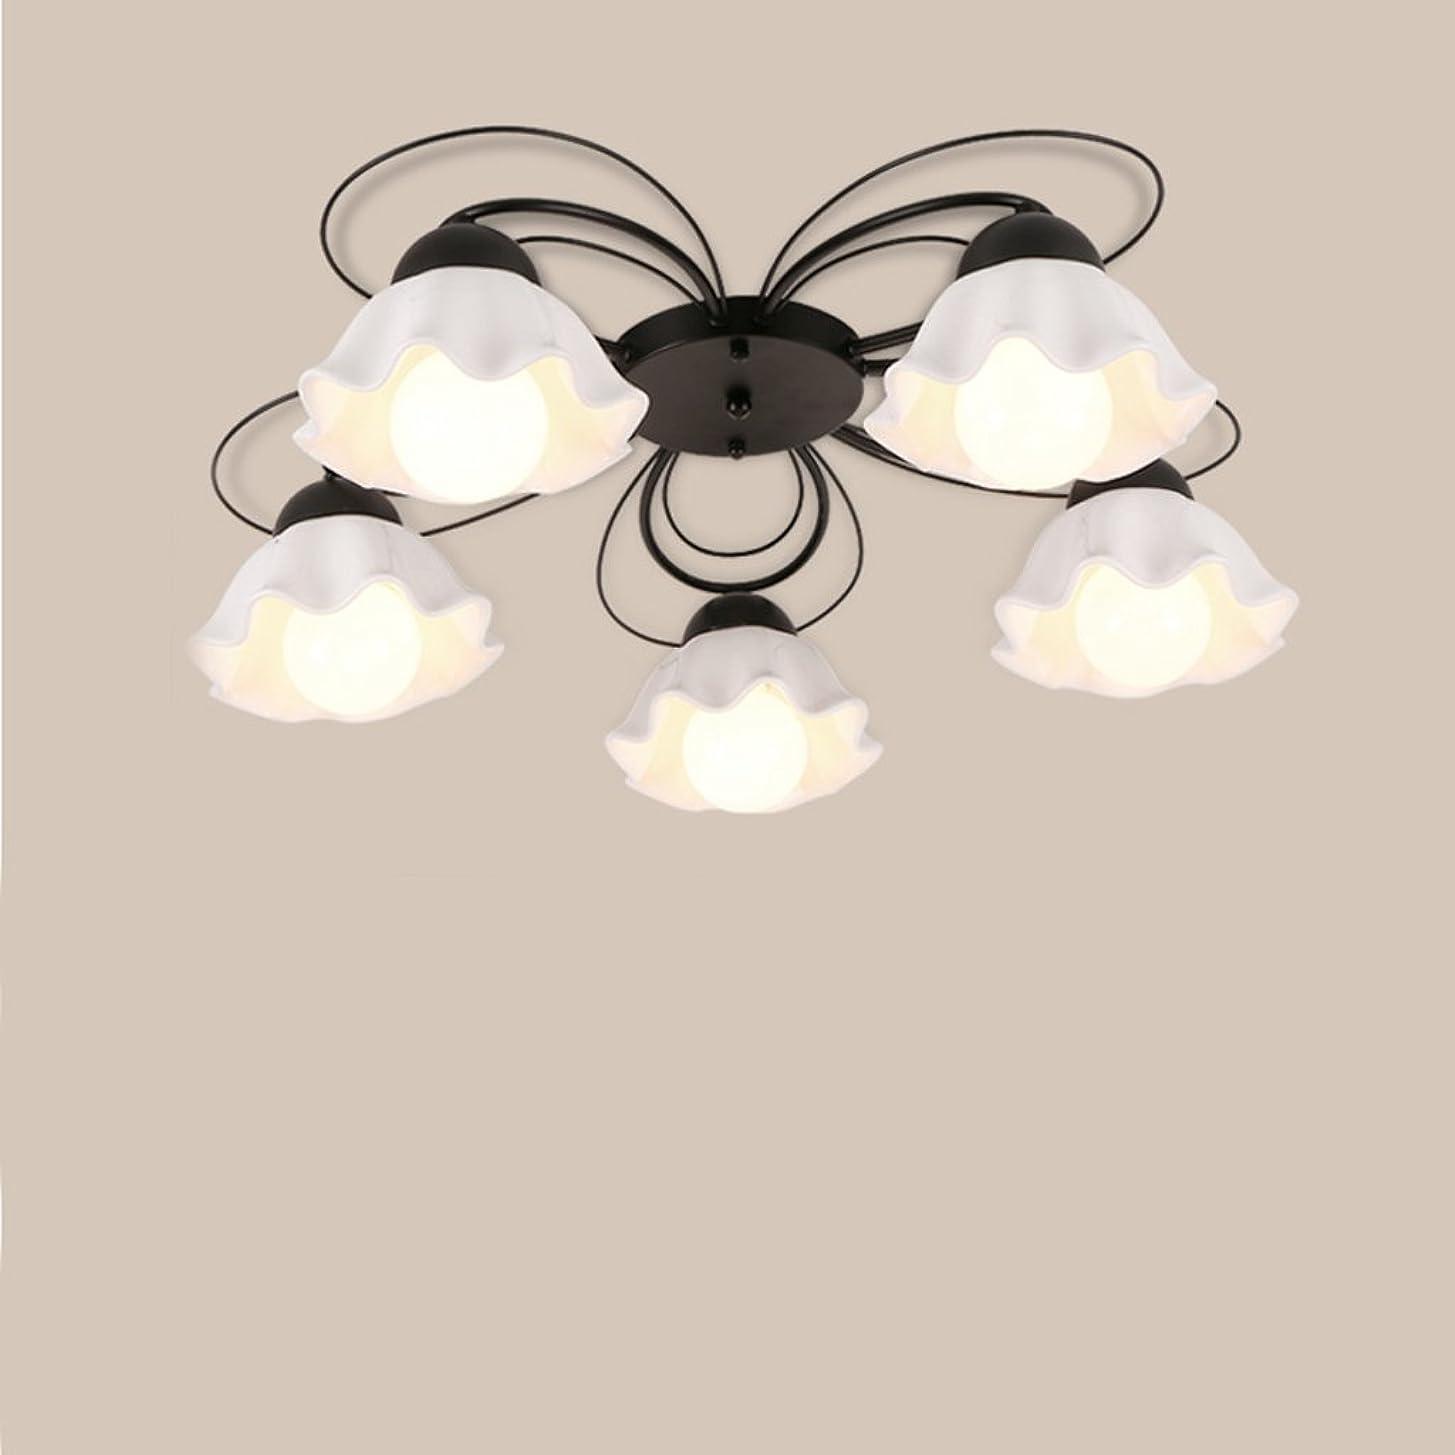 比喩子豚巻き取りYSYYSH ミルキーガラスランプシェードファッションアメリカンシーリングランプシンプルな北欧ガラスLEDリビングルーム暖かい寝室ルーム通路天井ランプ 寝室の装飾ライト